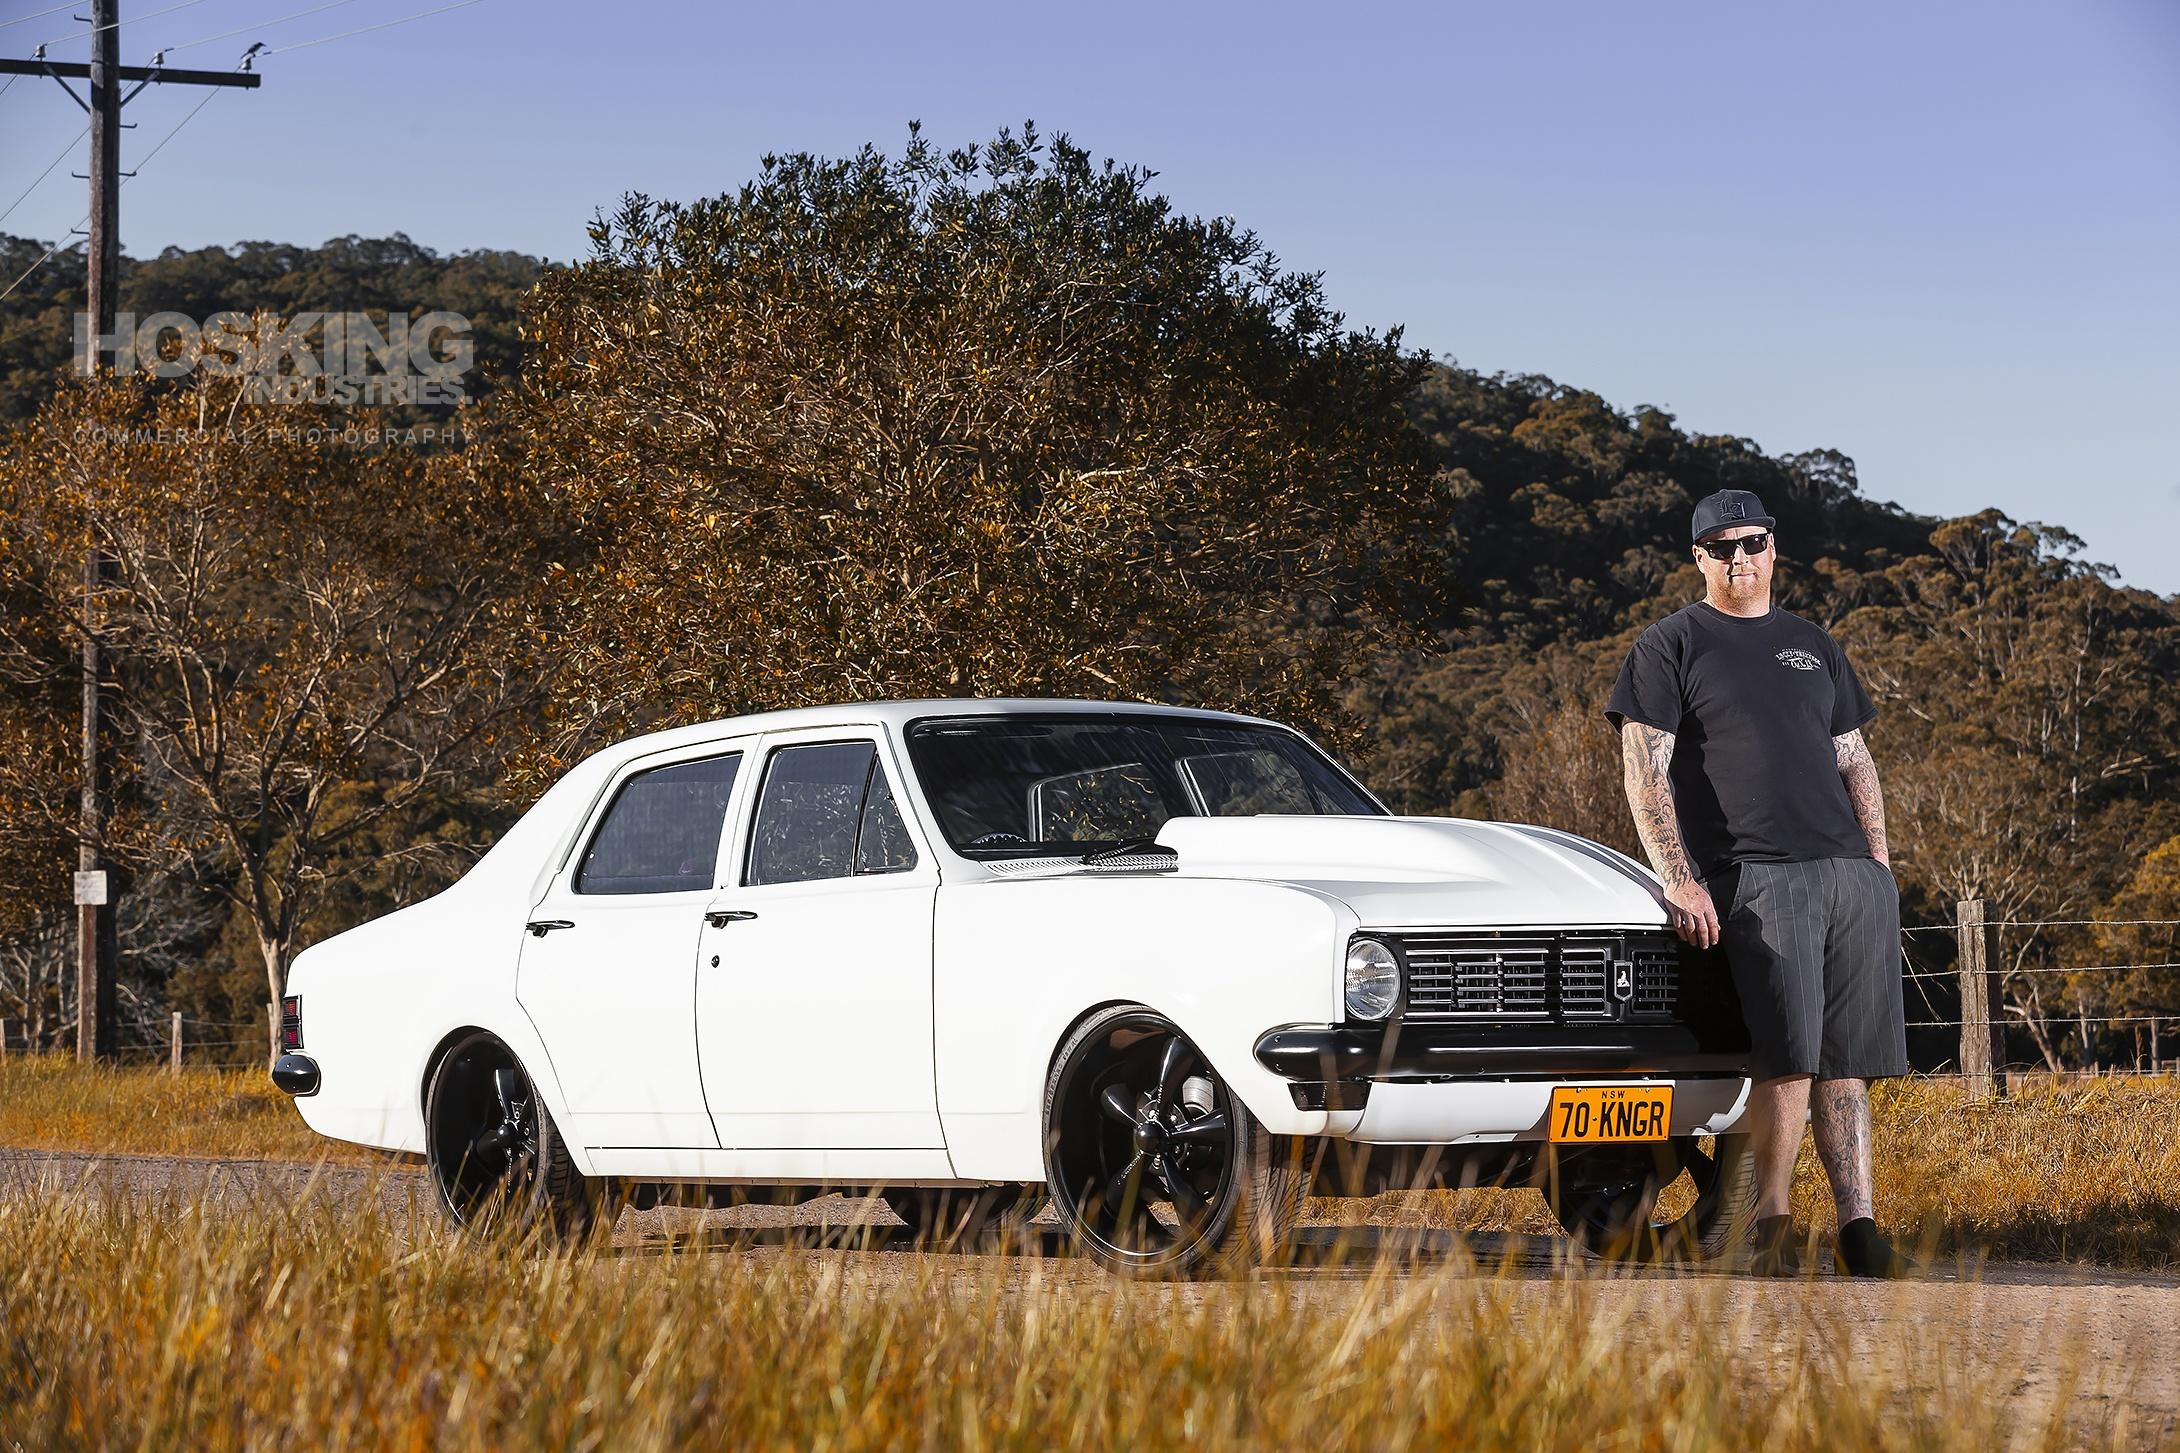 Jason Pellett's Holden HT Kingswood